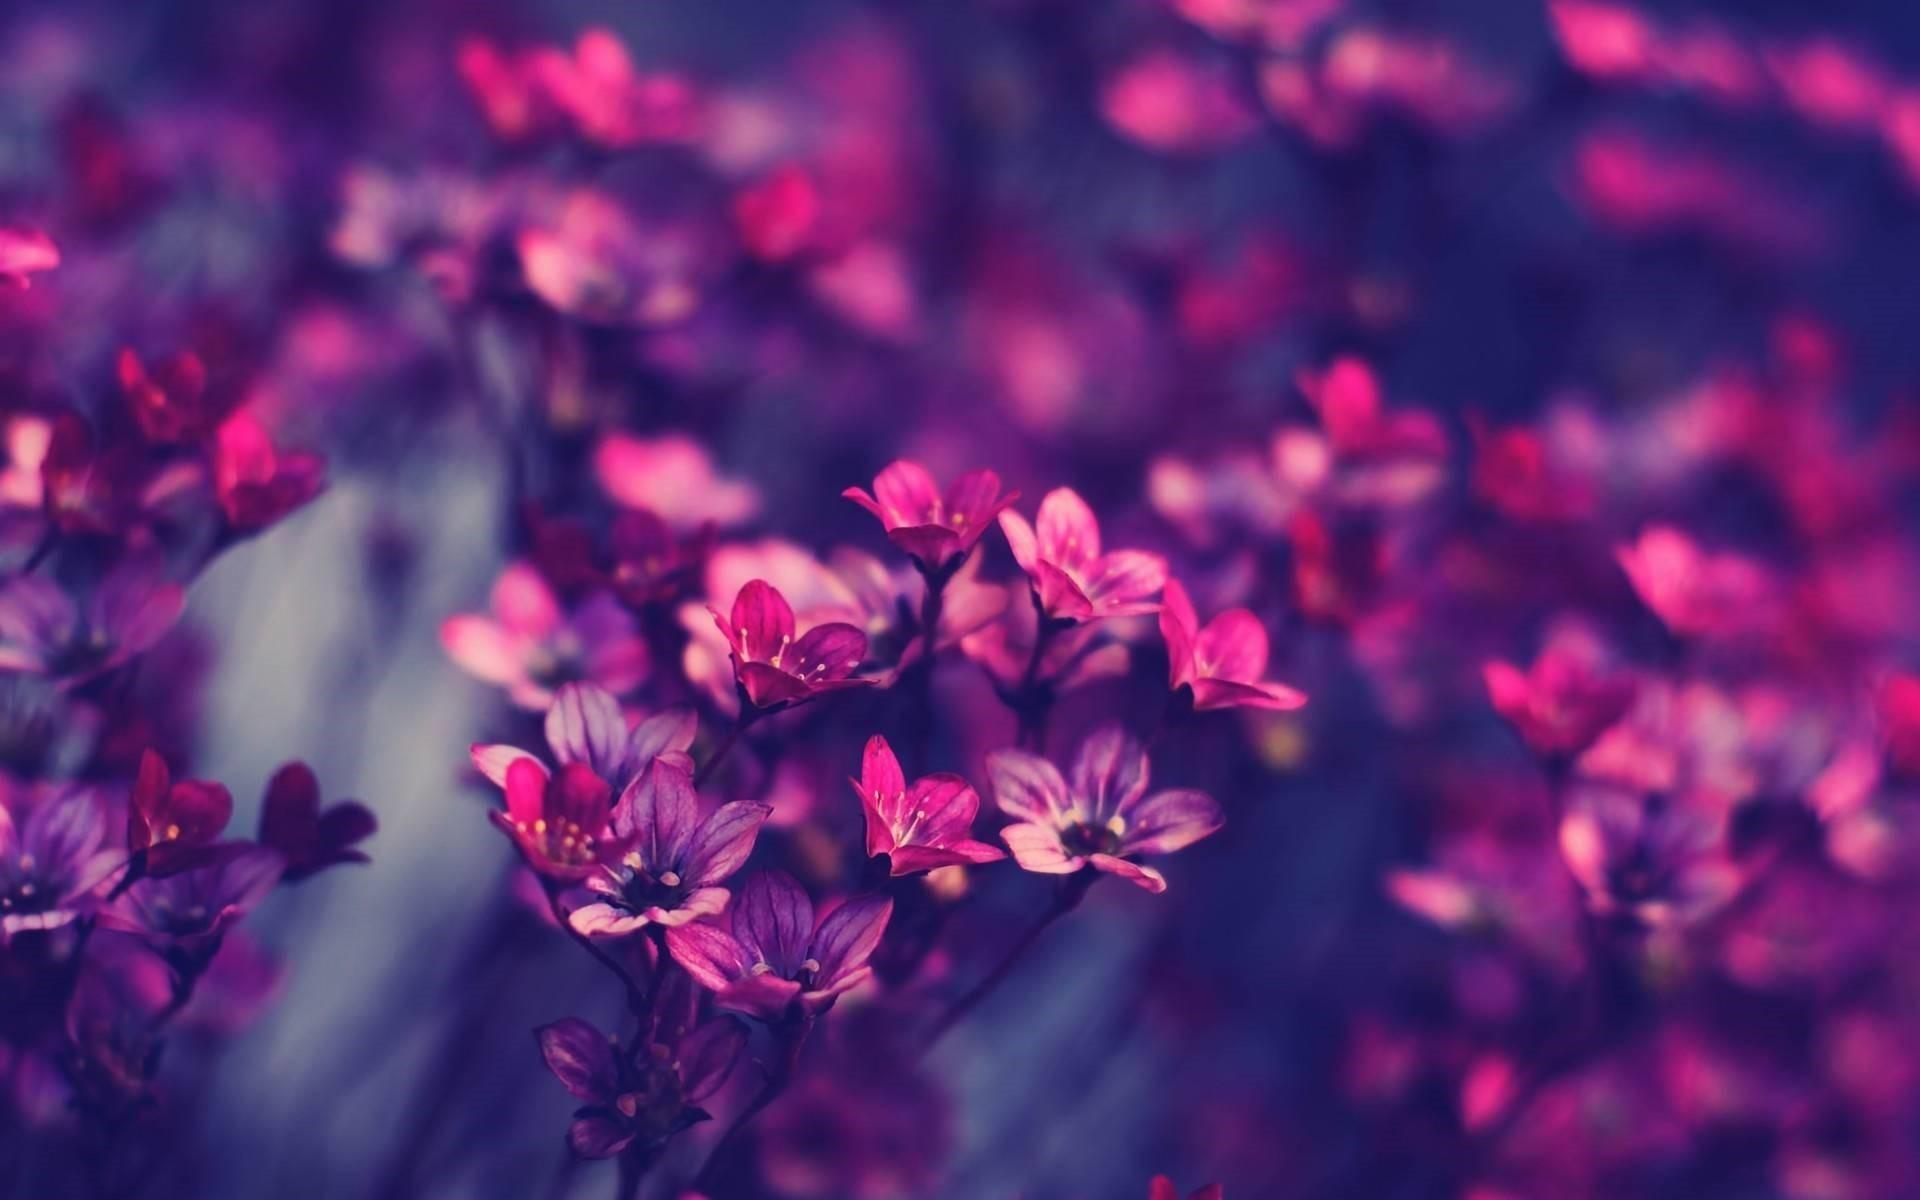 1920x1200 Pretty Wallpapers HD Tumblr